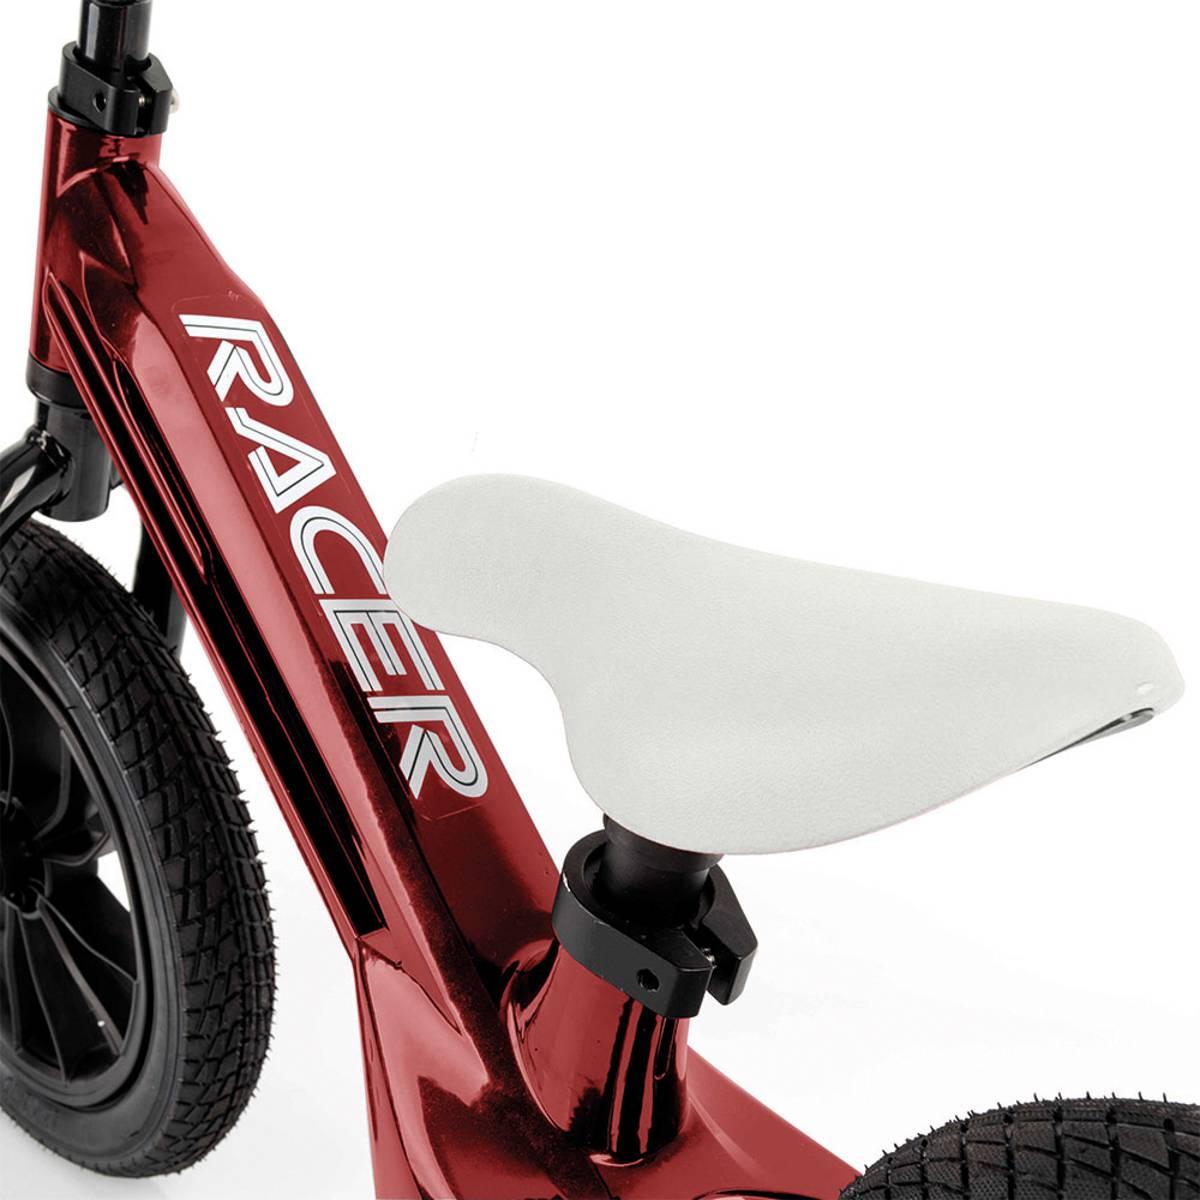 BICICLETA QPLAY RACER ROJA T601 2